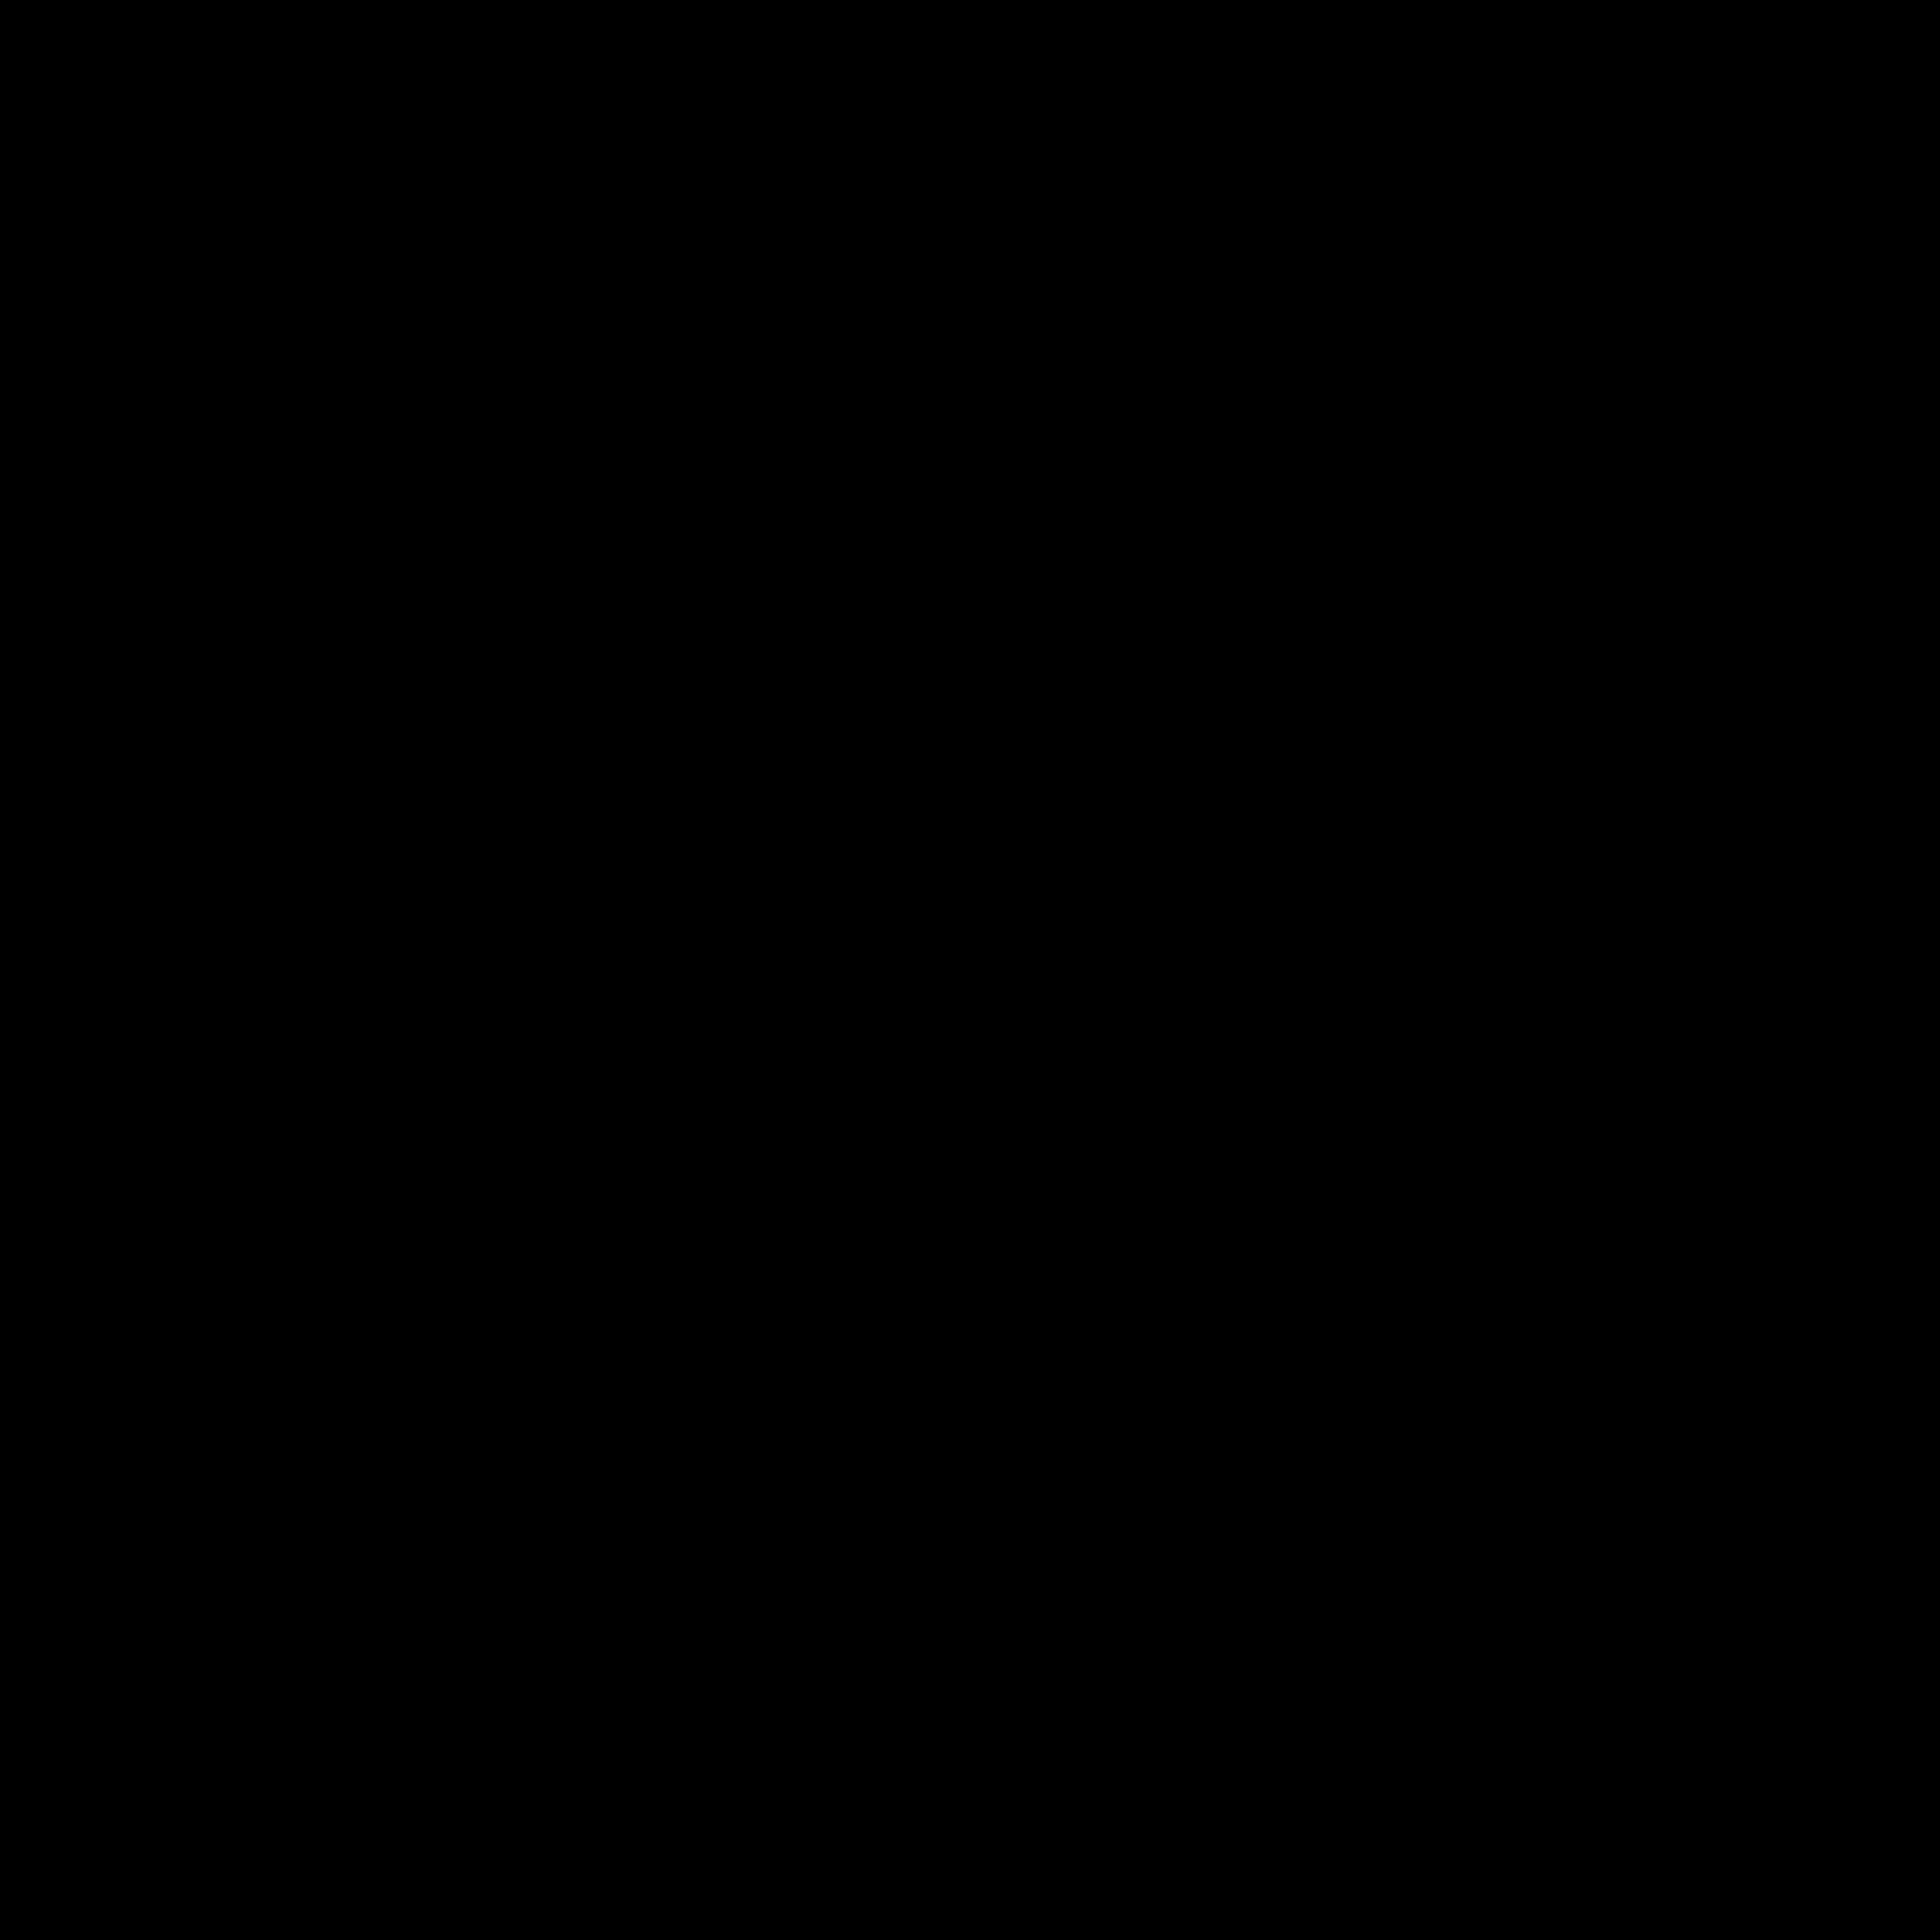 Müssen wir die Vereinten Nationen reformieren, Nora Bossong?